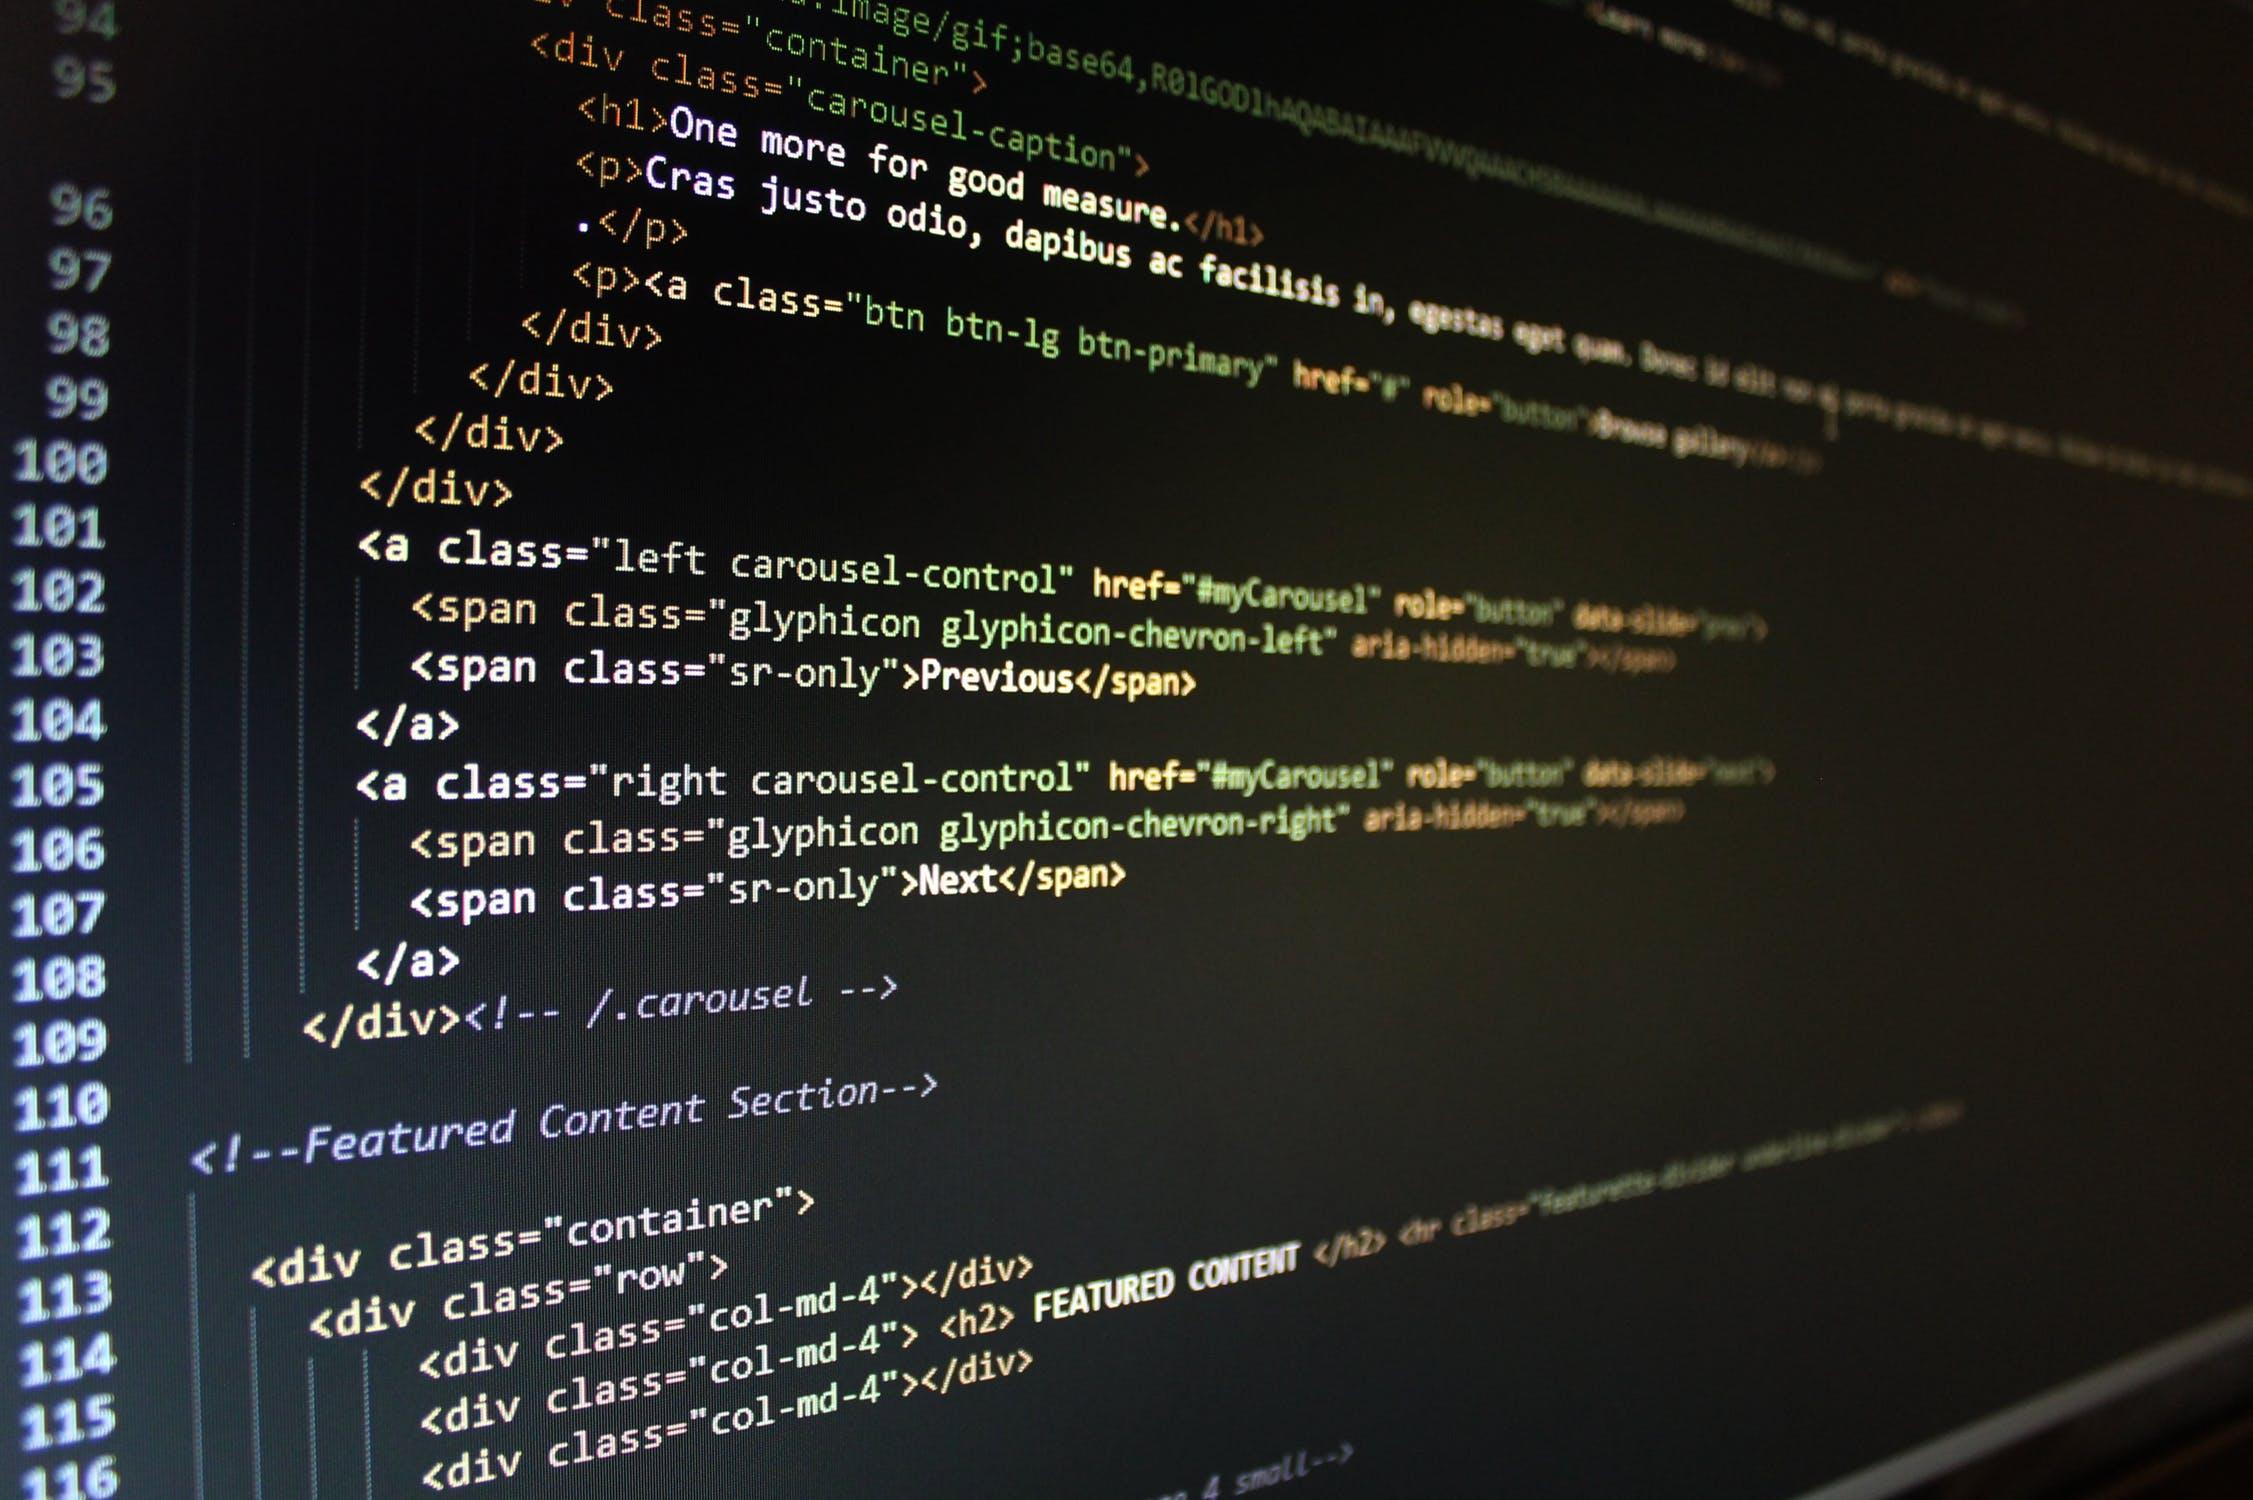 ITeaal software development